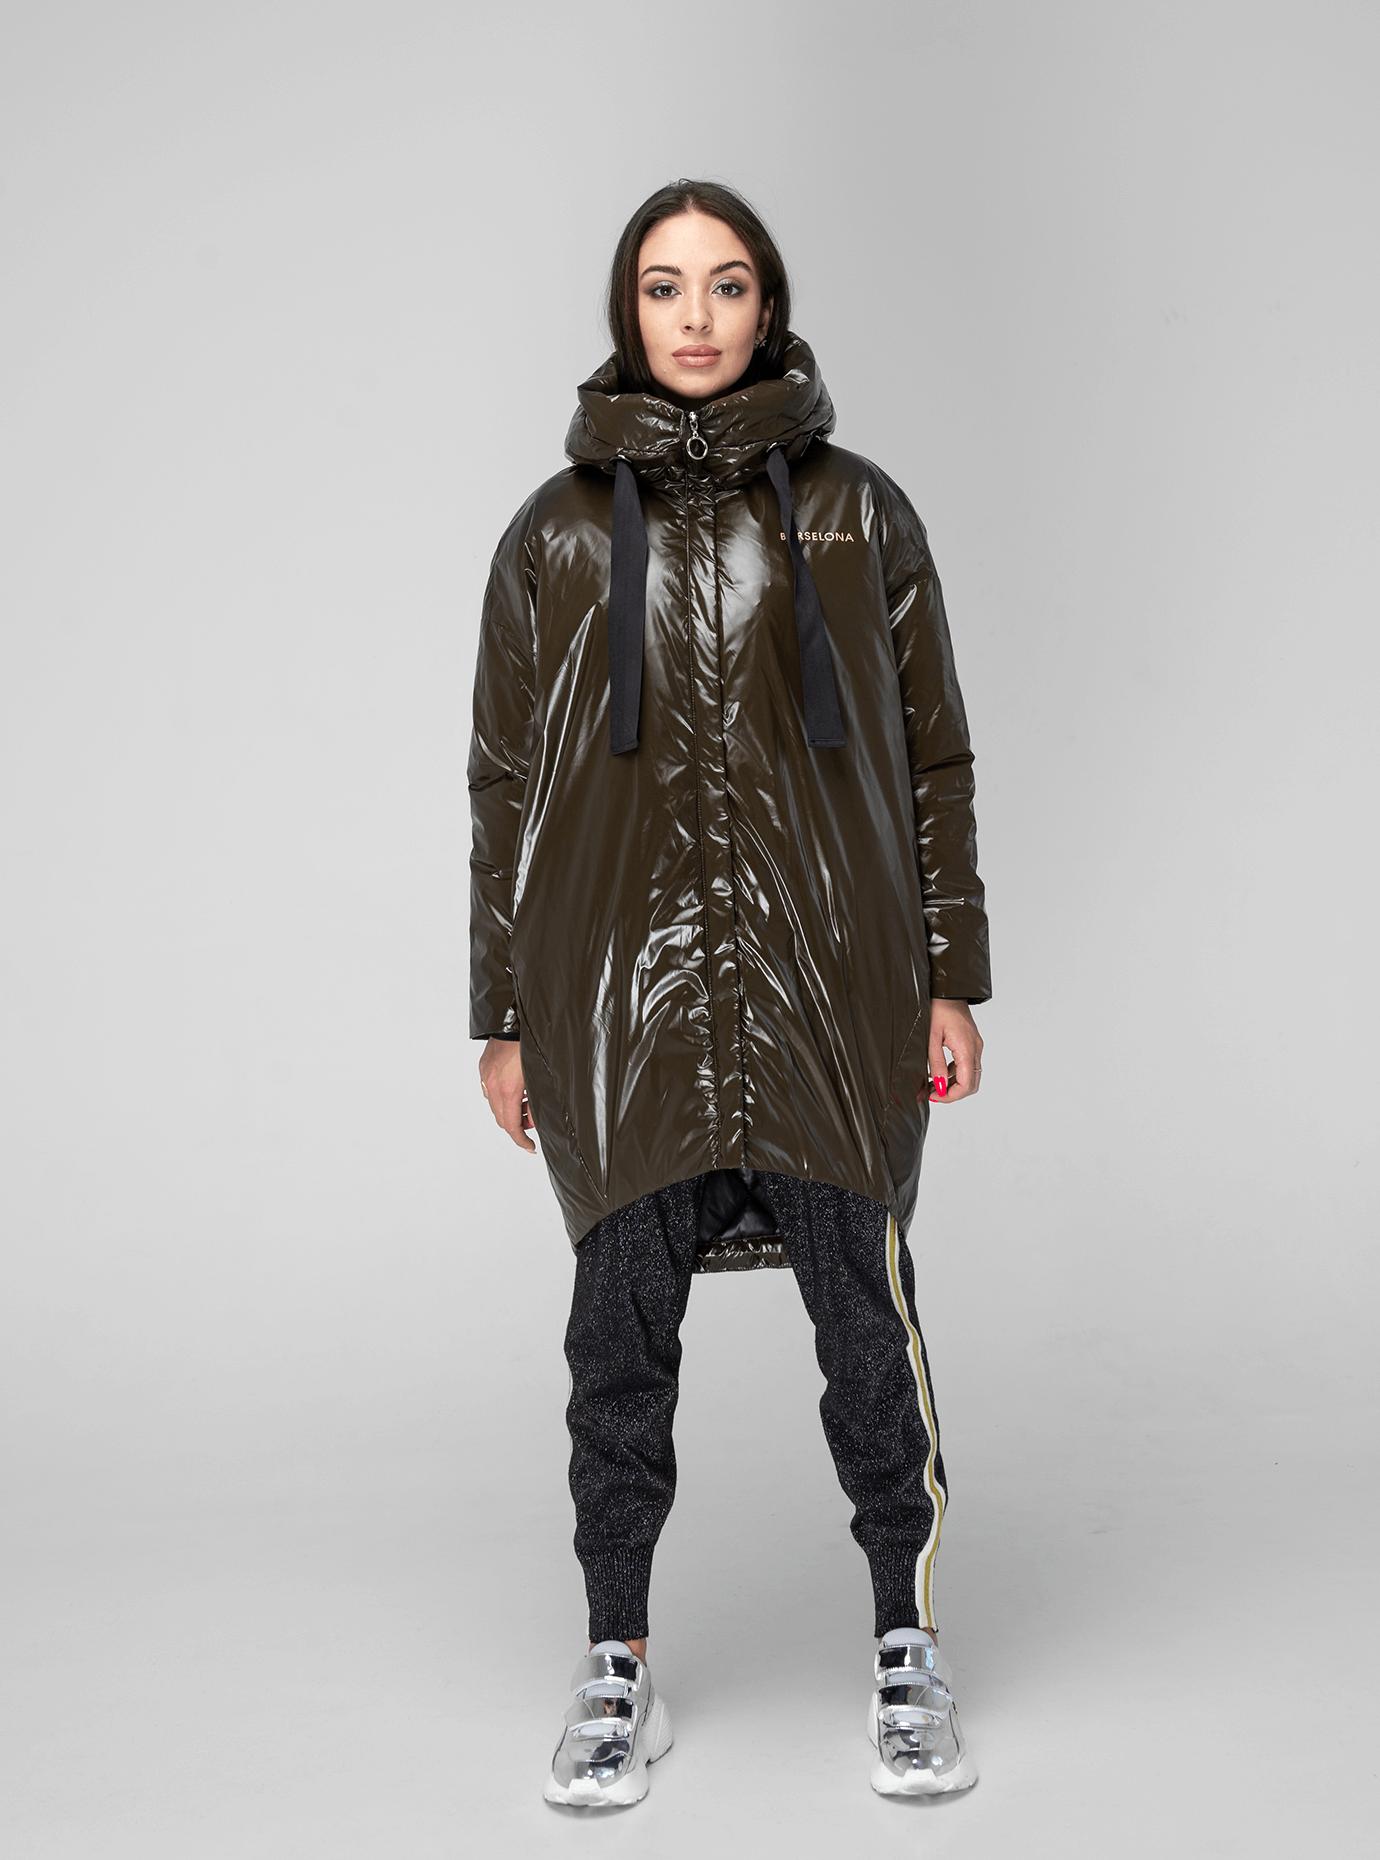 Куртка зимняя длинная зауженная Коричневый XL (02-V191130): фото - Alster.ua